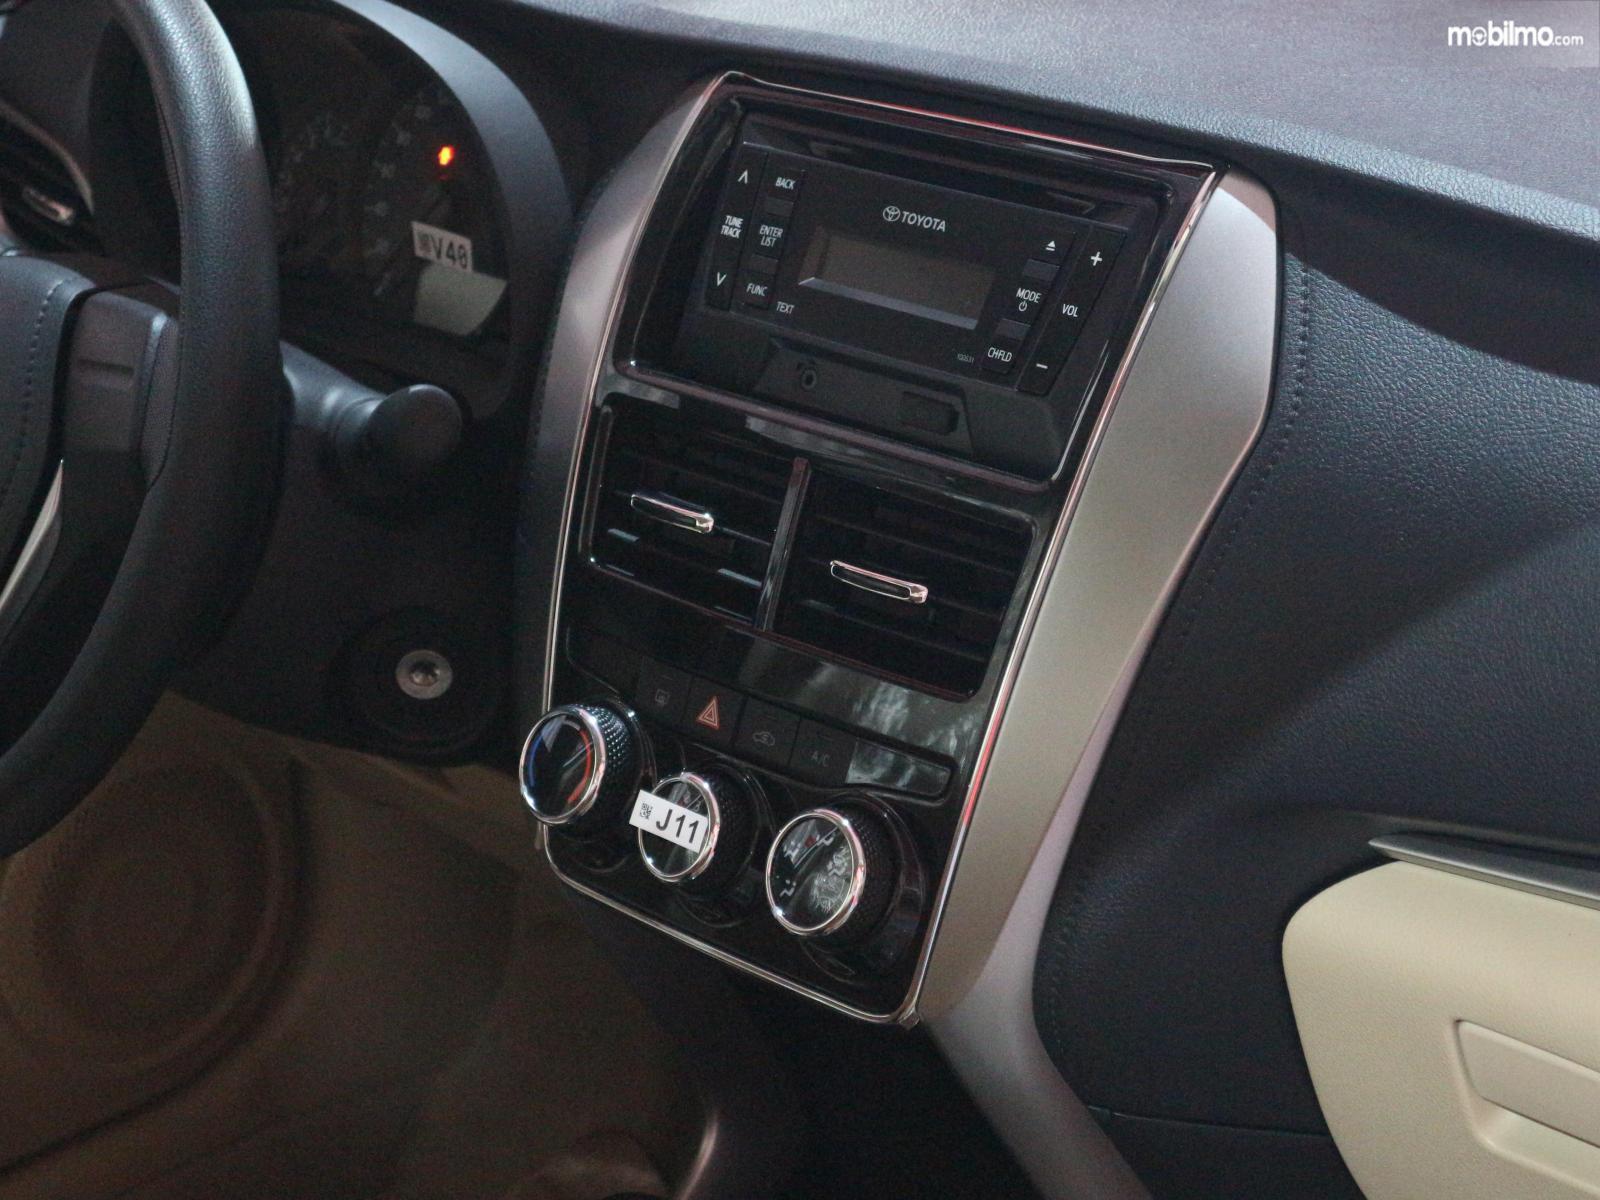 Gambar menunjukkan Fitur hiburan pada mobil Toyota Vios 2019 versi ekspor